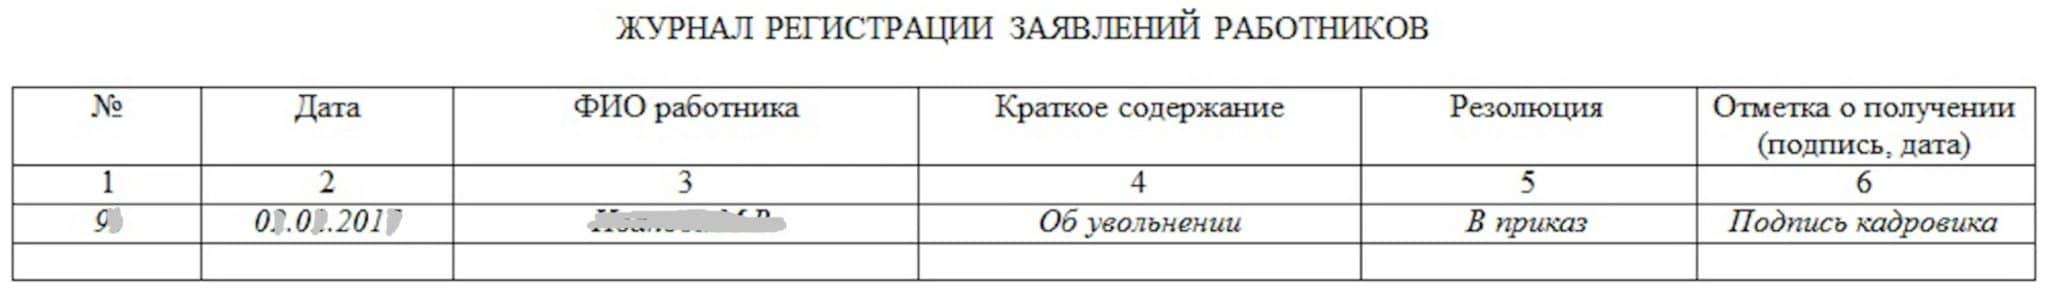 Все заявления работников подлежат регистрации